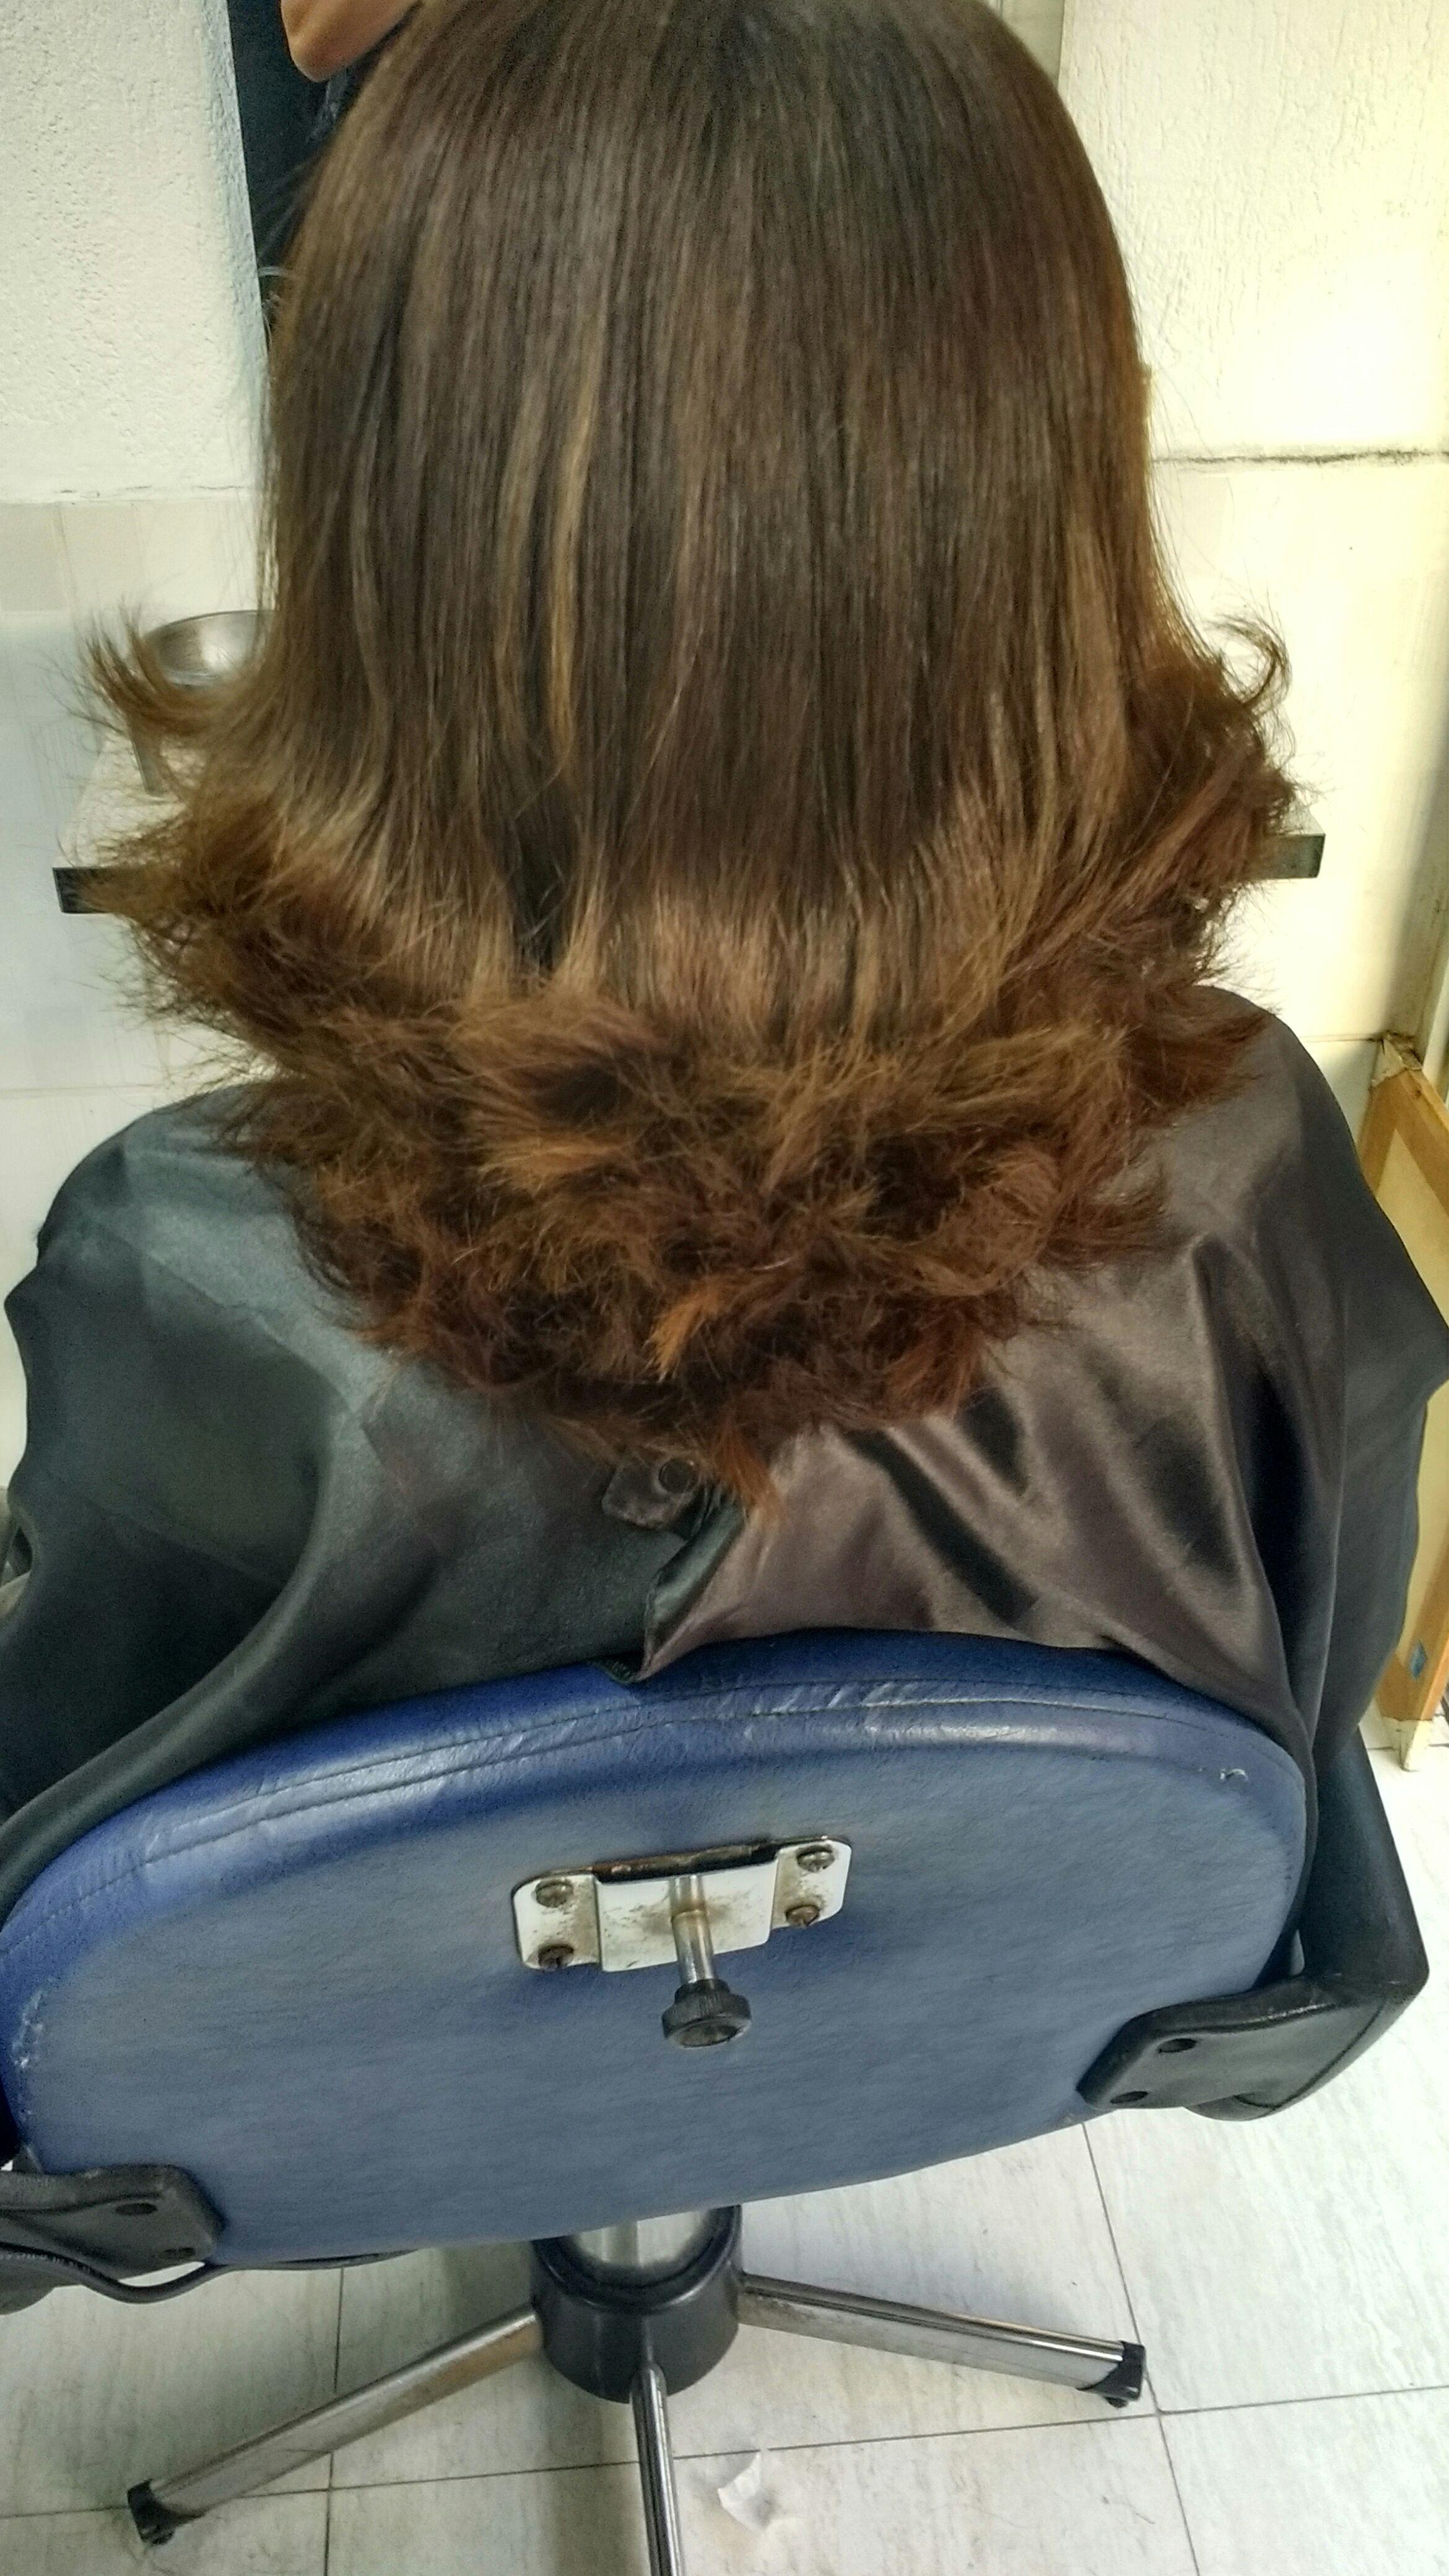 esteticista consultor(a) depilador(a) promotor(a) de vendas cabeleireiro(a) esteticista depilador(a) esteticista cabeleireiro(a)